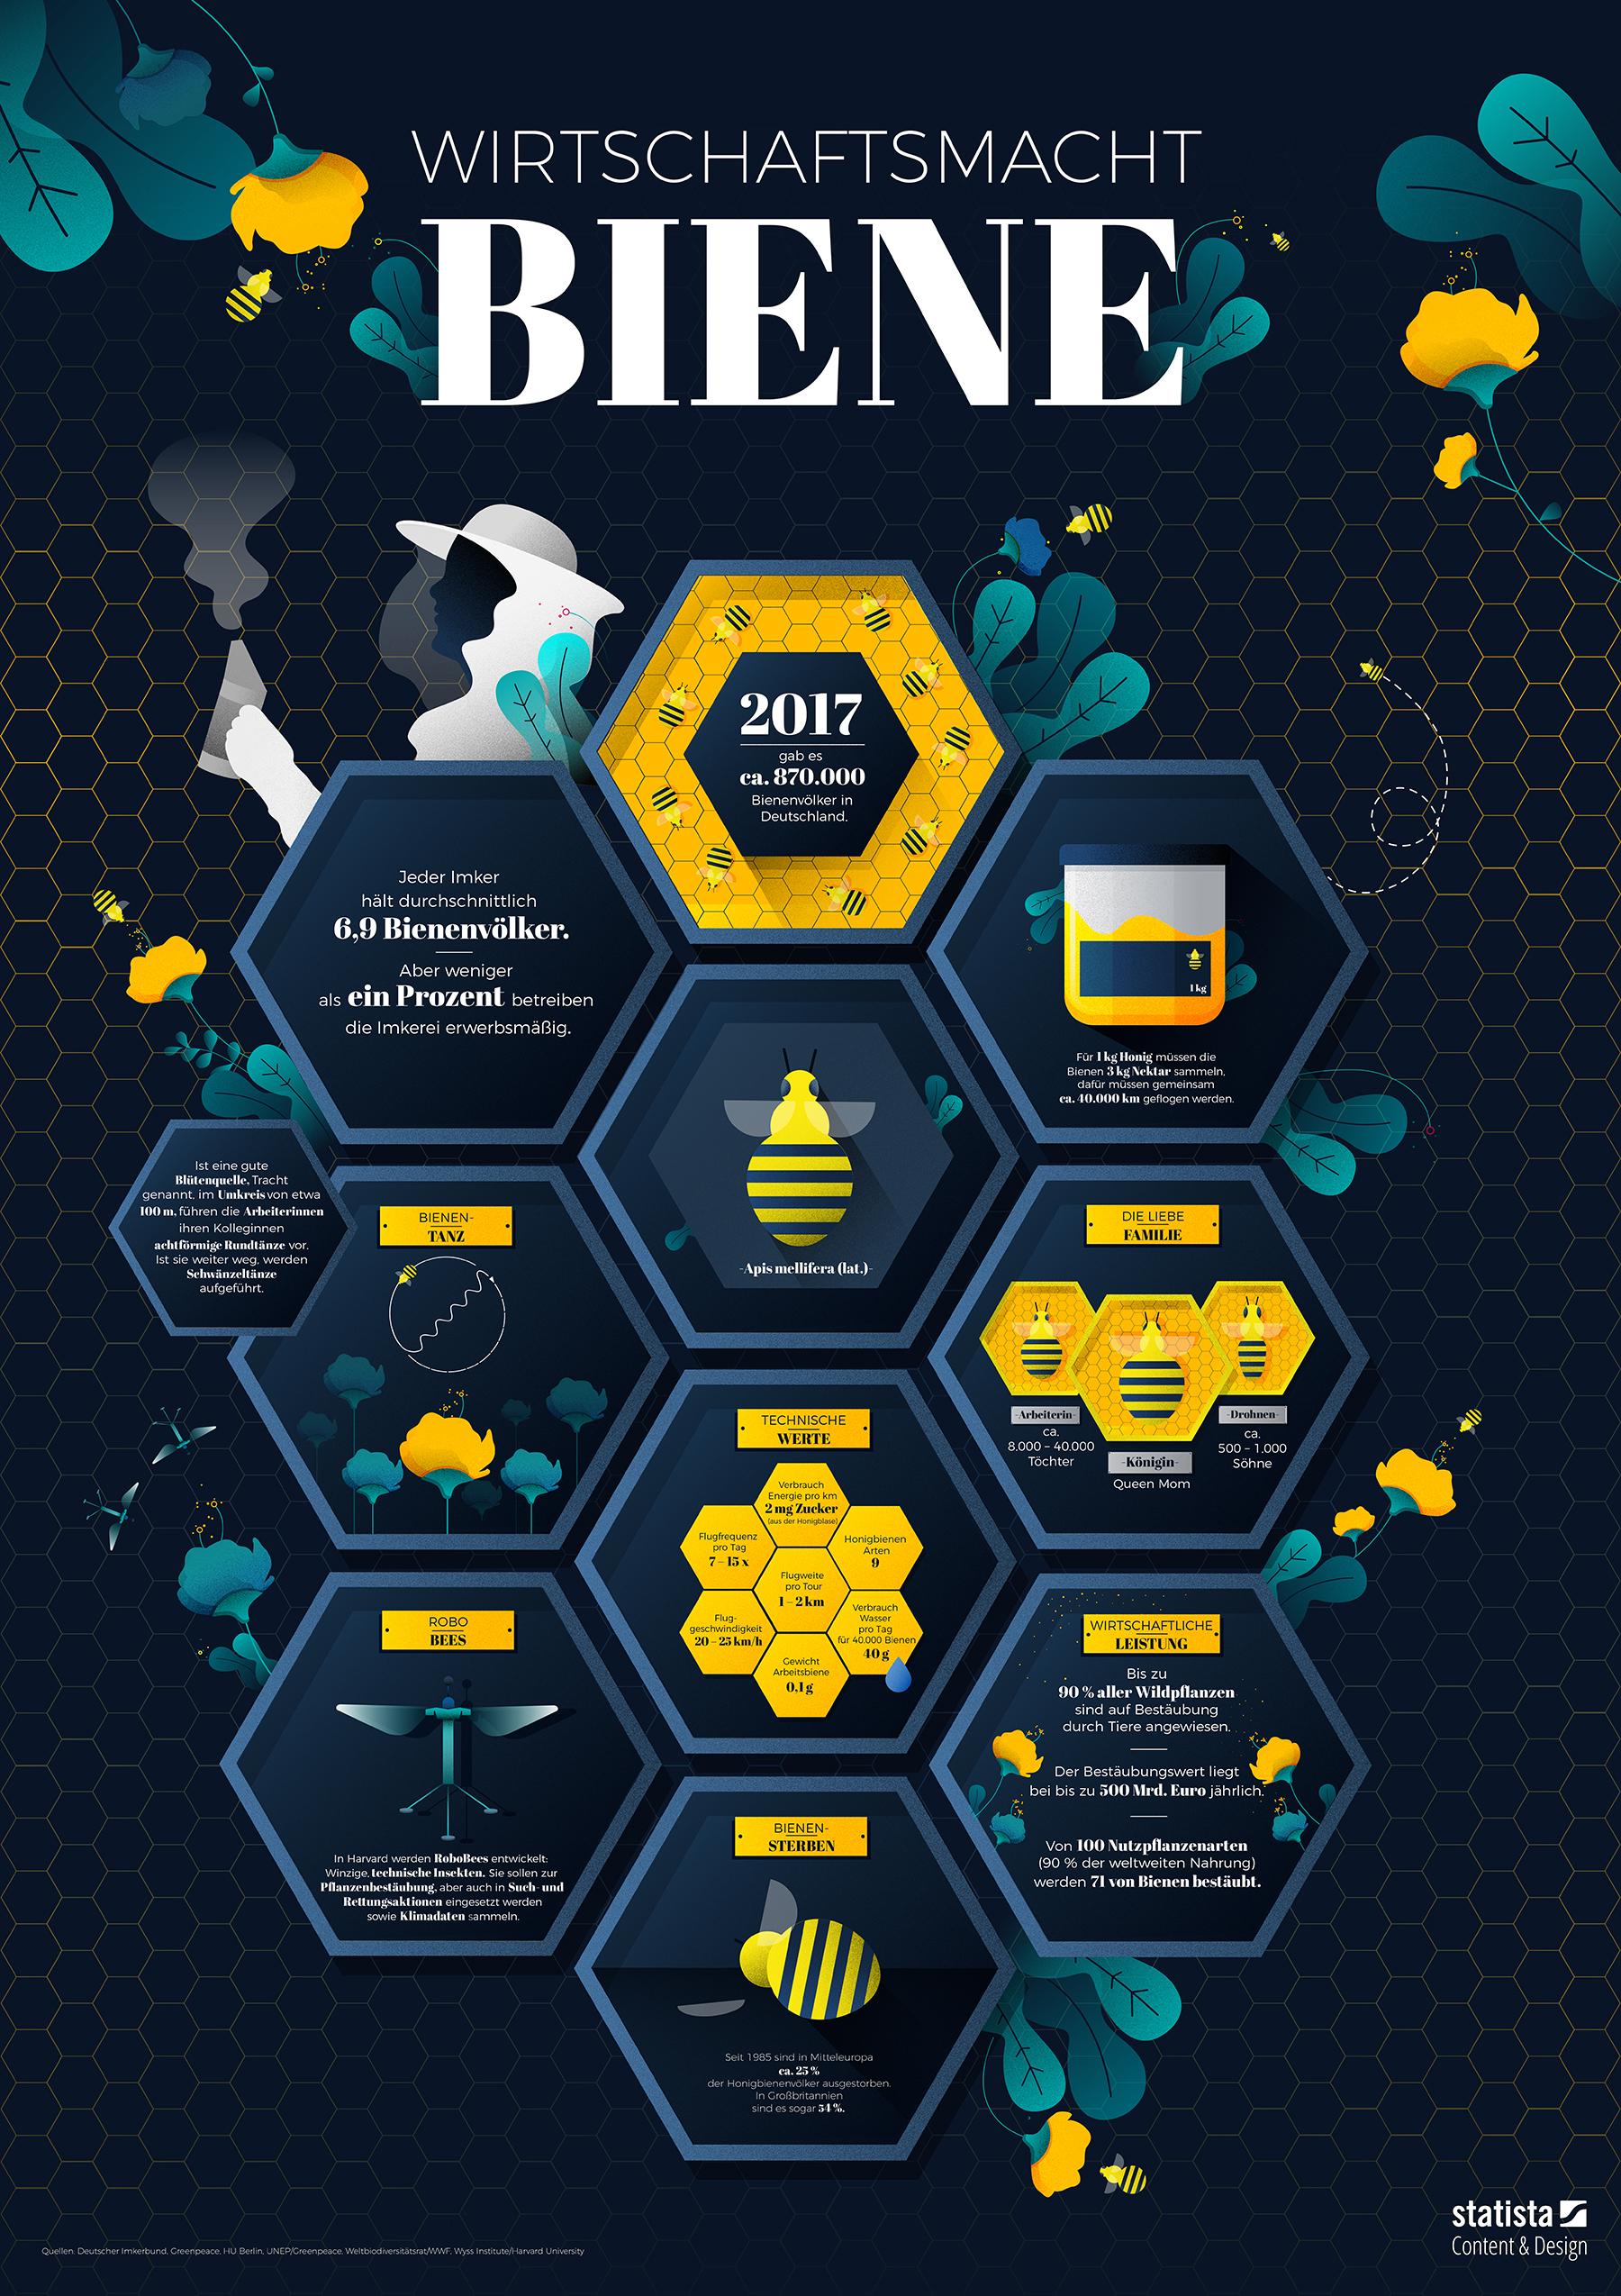 Wirtschaftsmacht Bienen